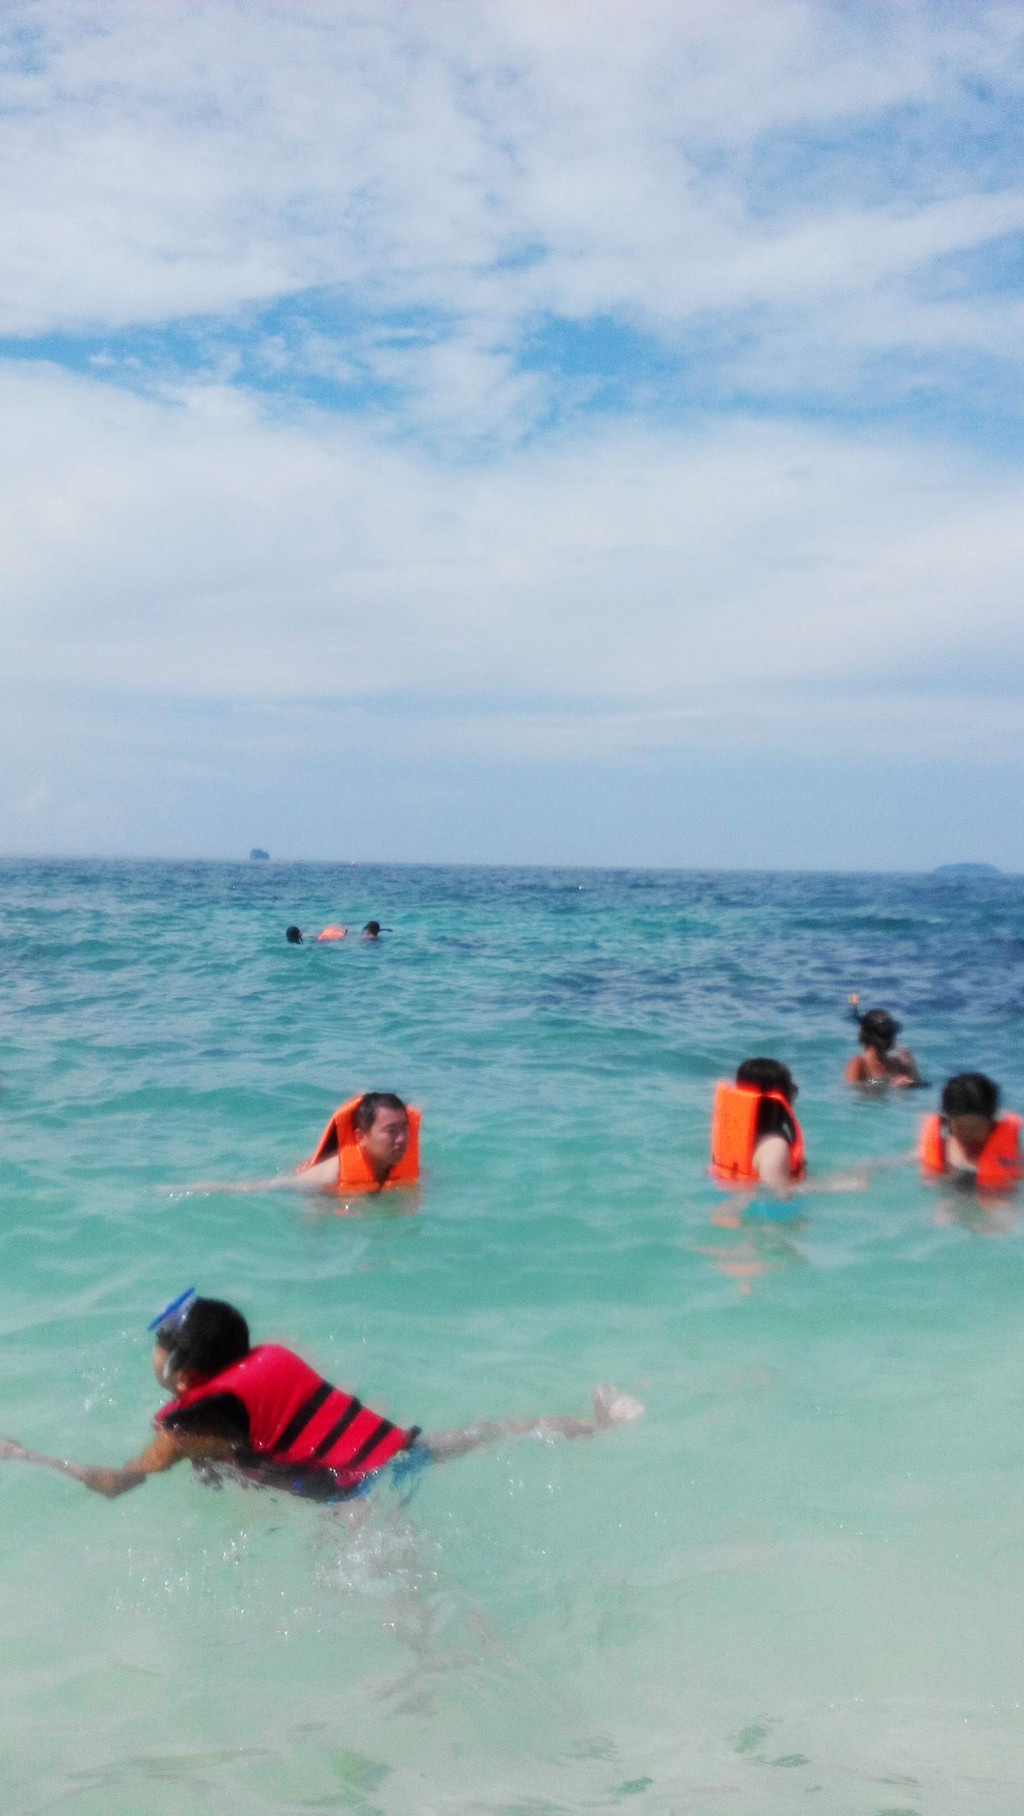 蛋岛可以浮潜,适合不太会游泳的人,鱼